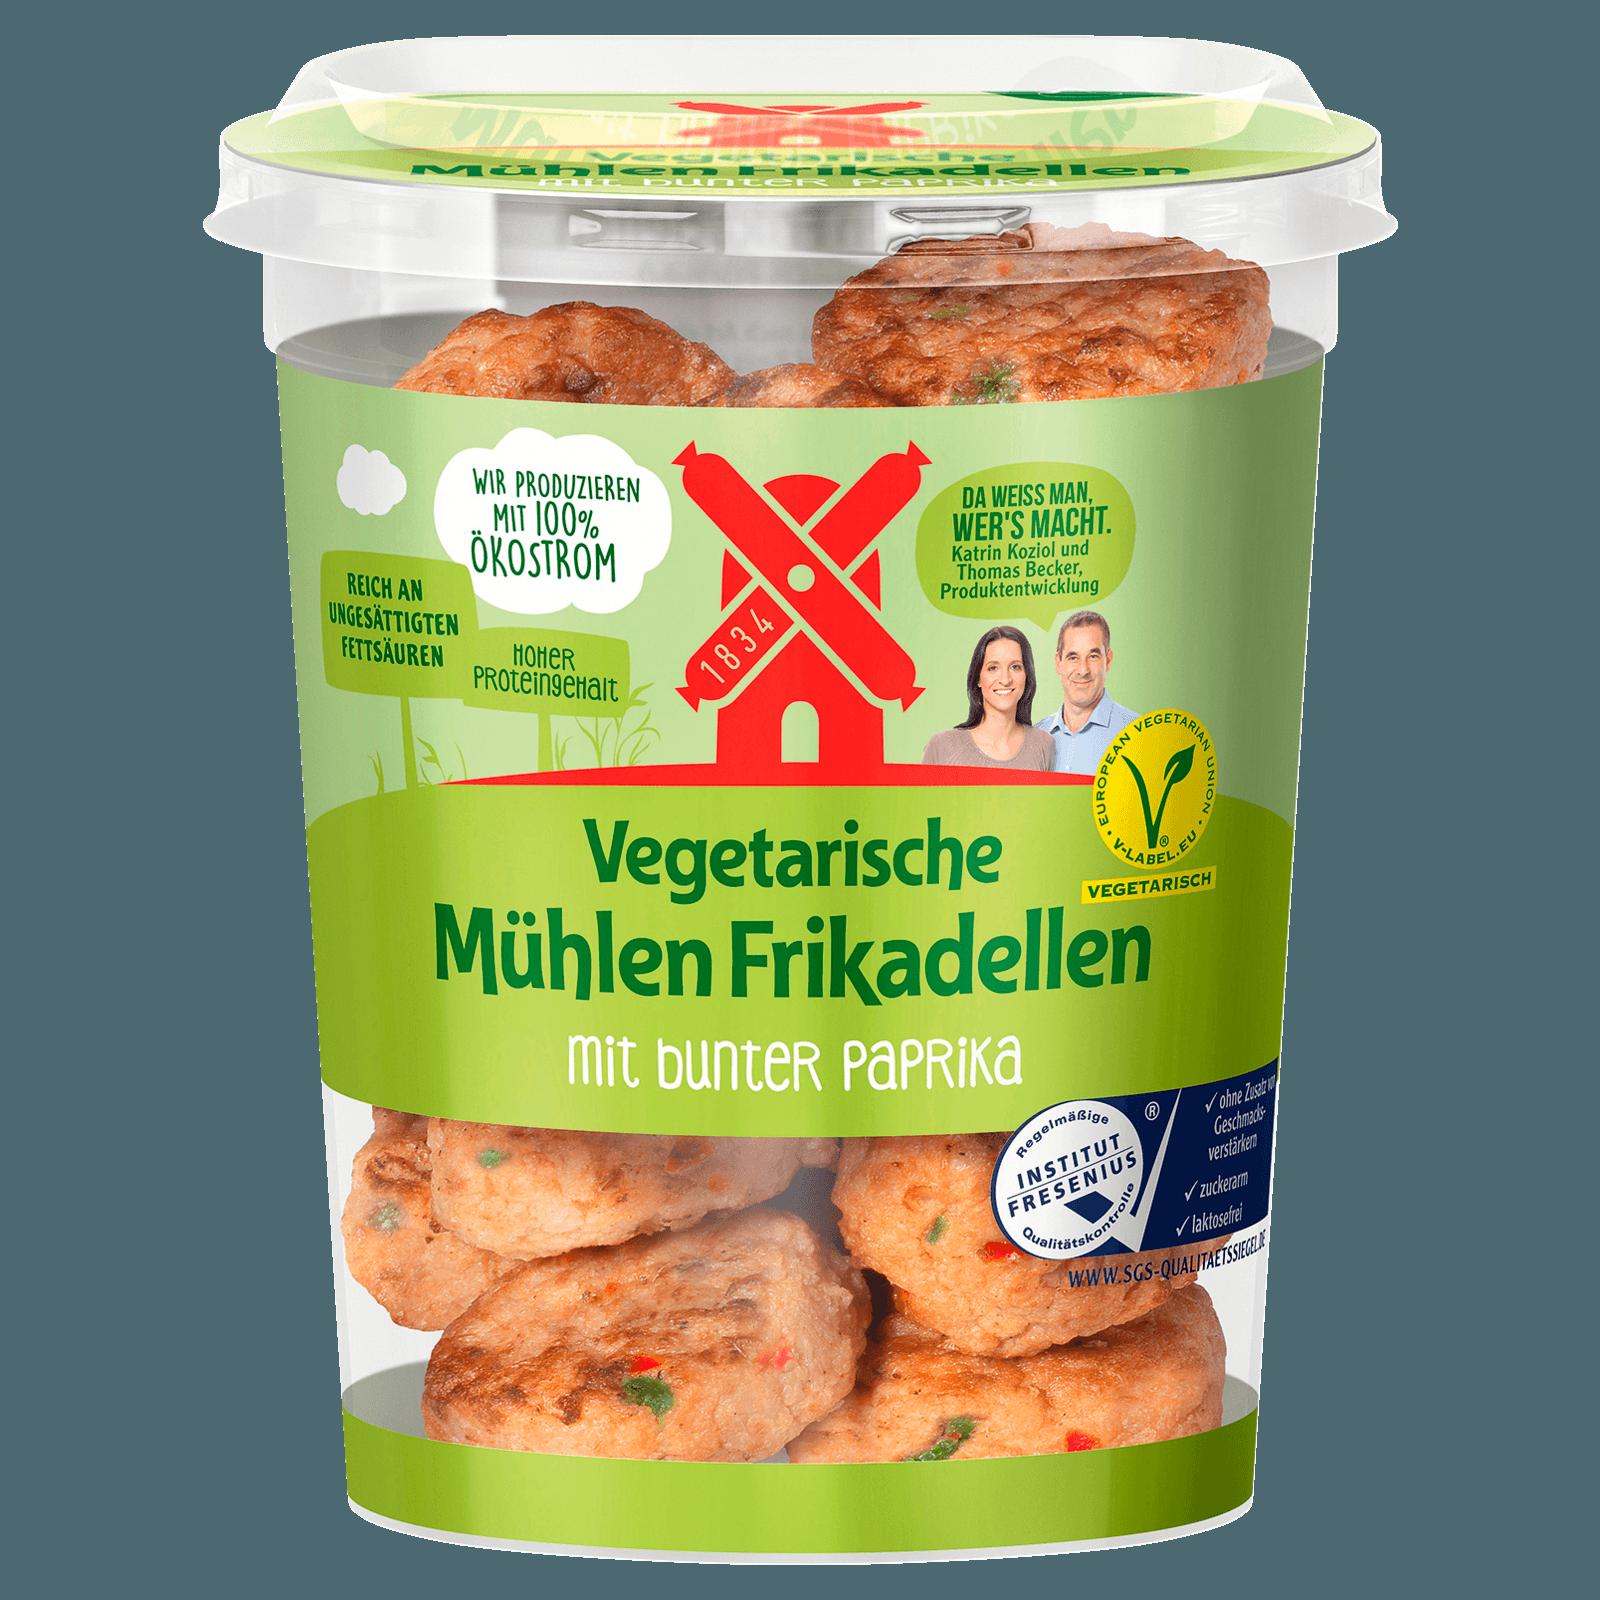 Rügenwalder Mühle Vegetarische Mühlen-Frikadellen 165g